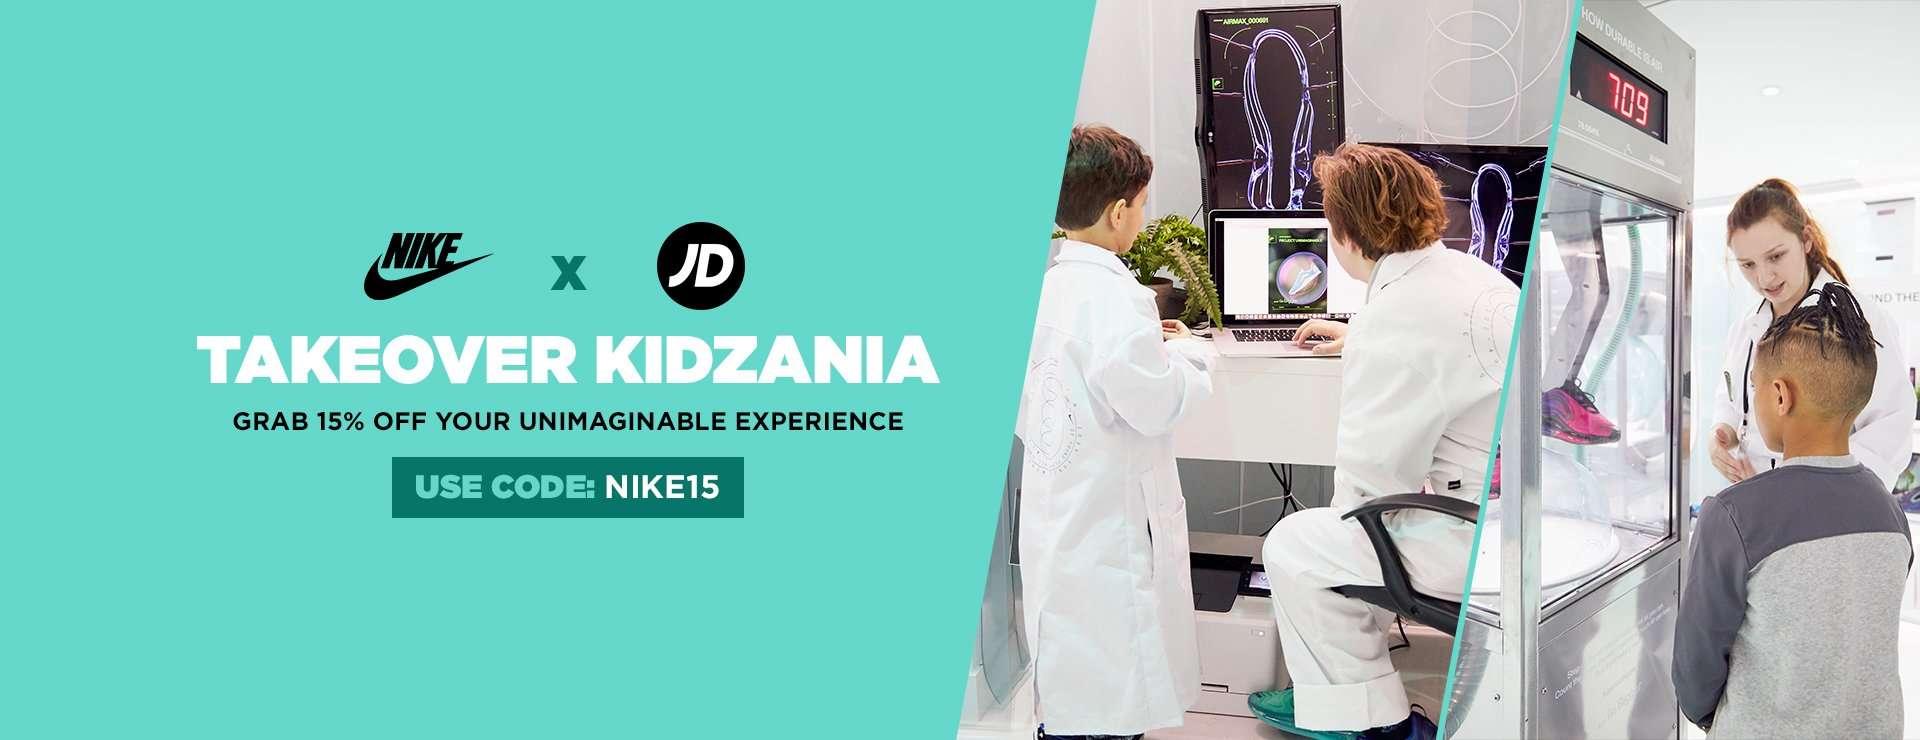 7ade3c9aa3b Nike